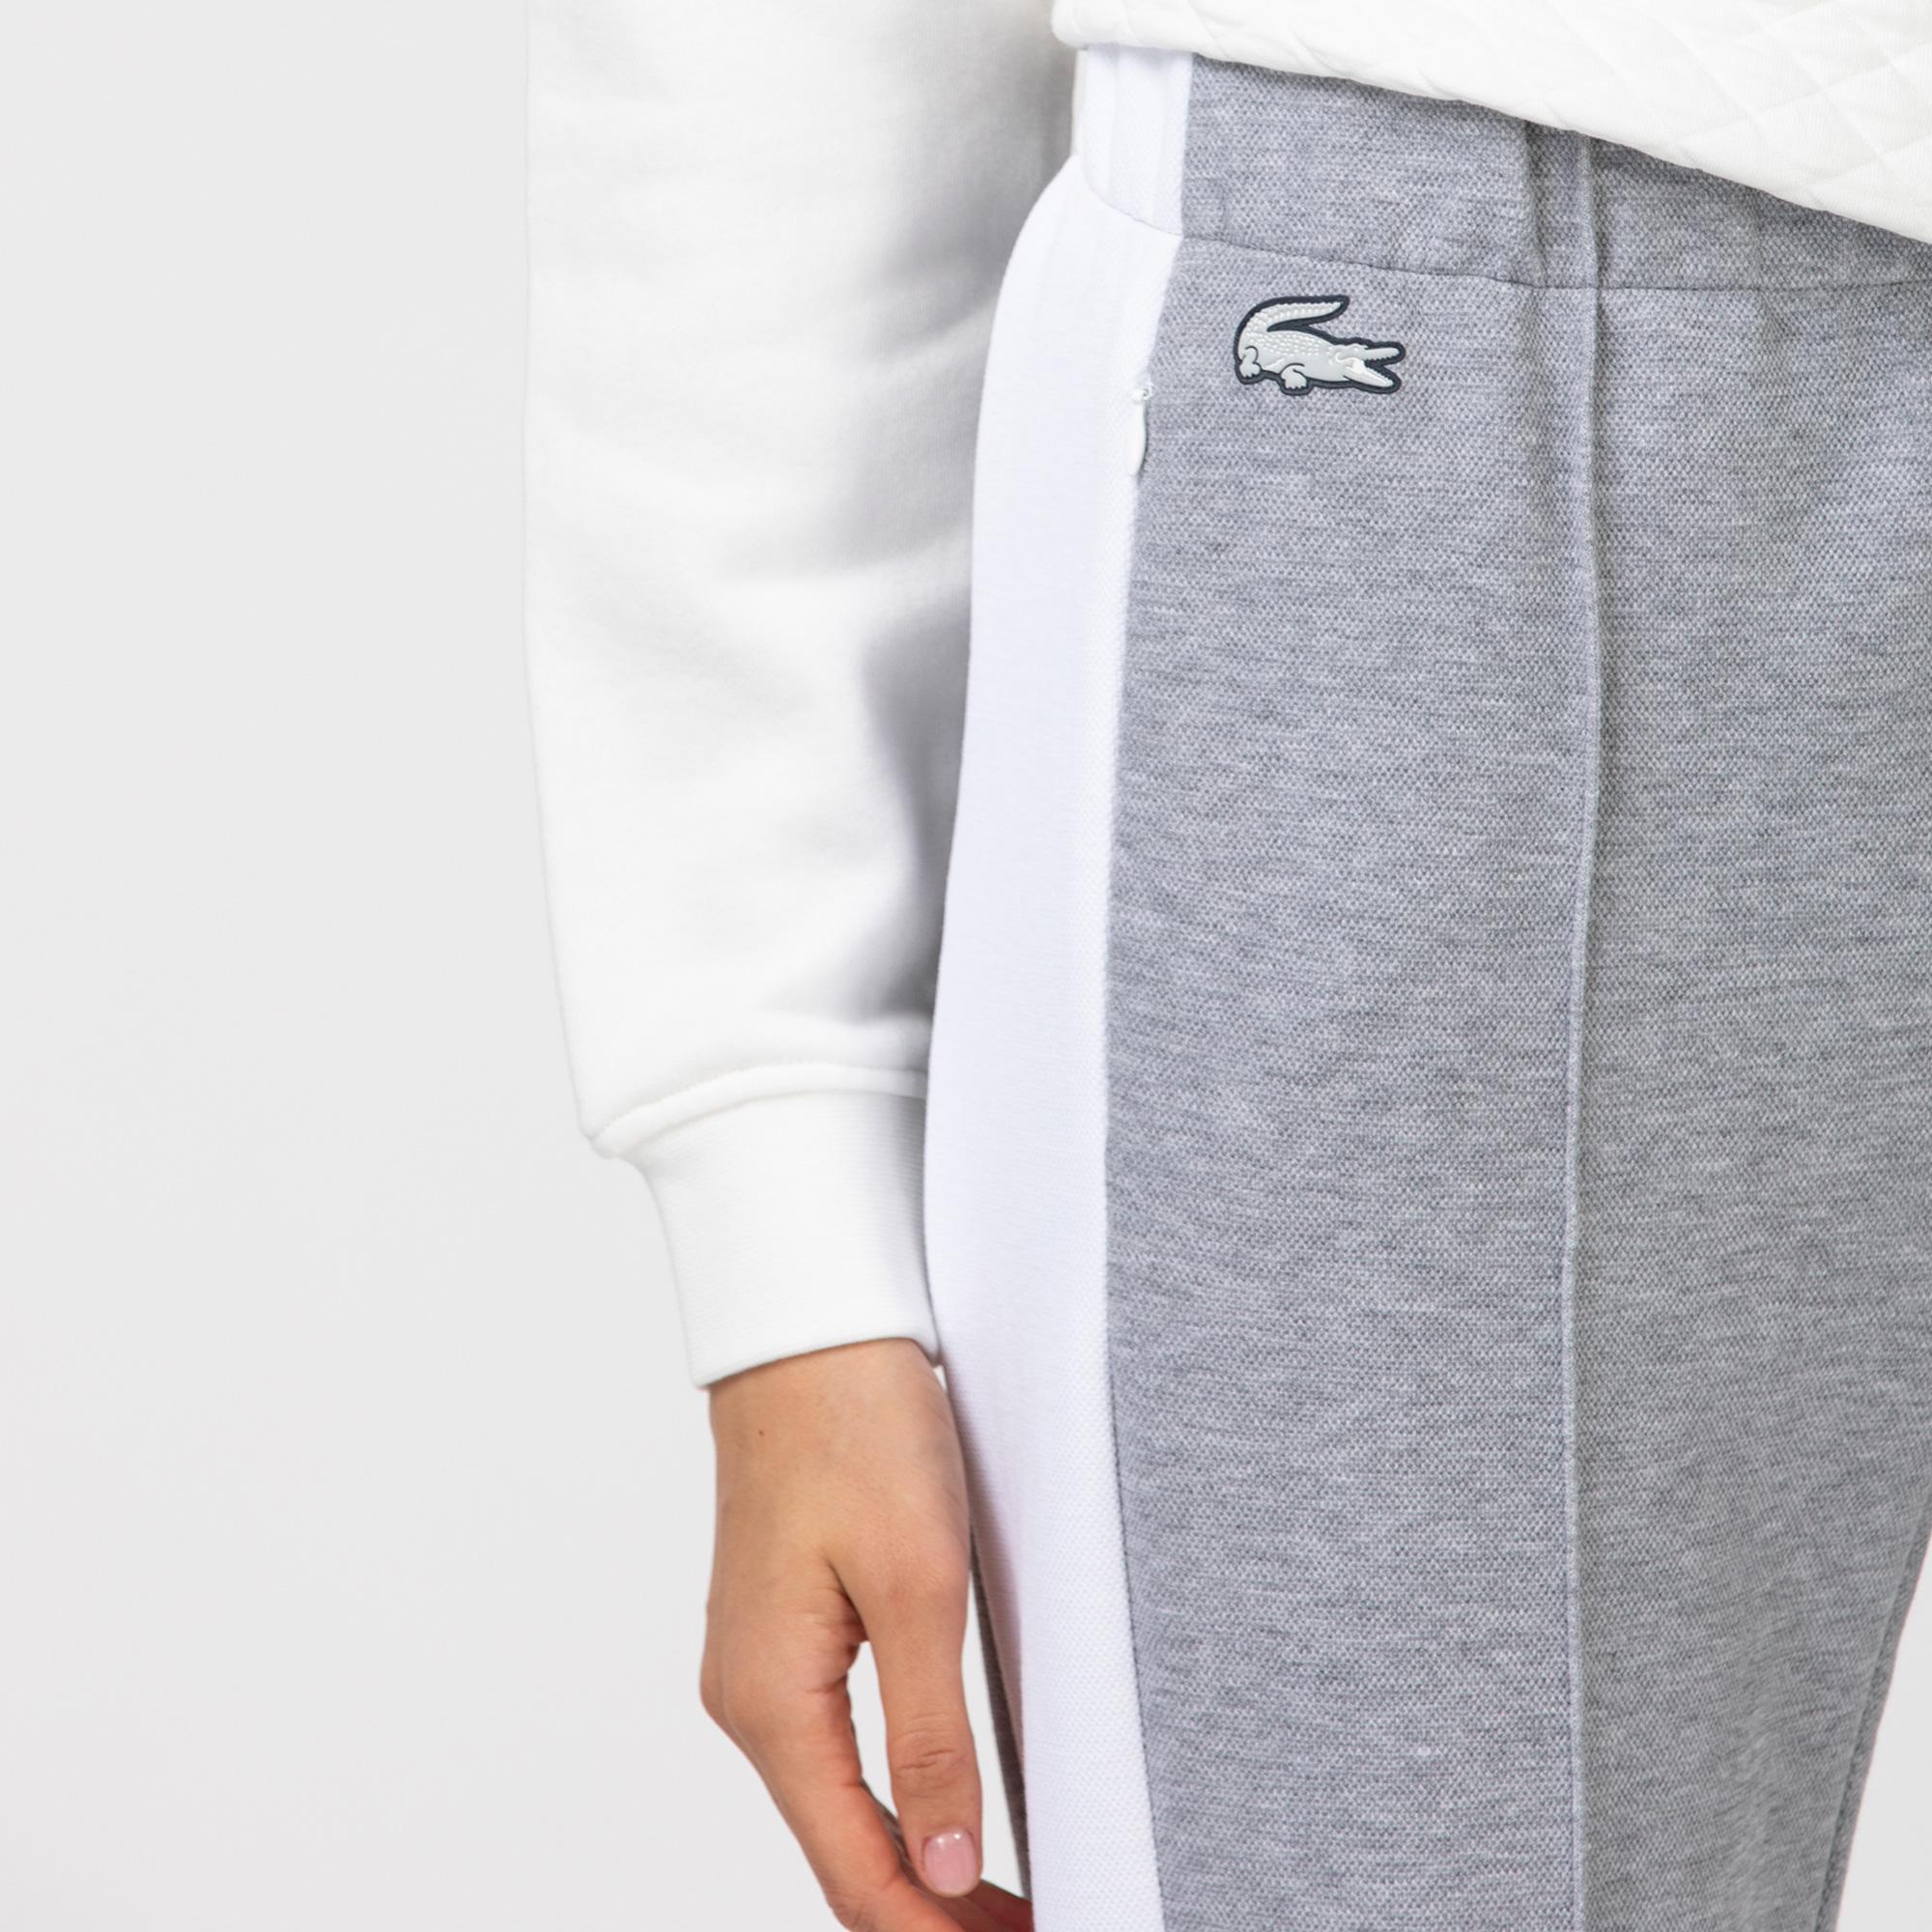 Lacoste Sport Damskie Spodnie Do Biegania Z Piki Z Kontrastową Taśmą